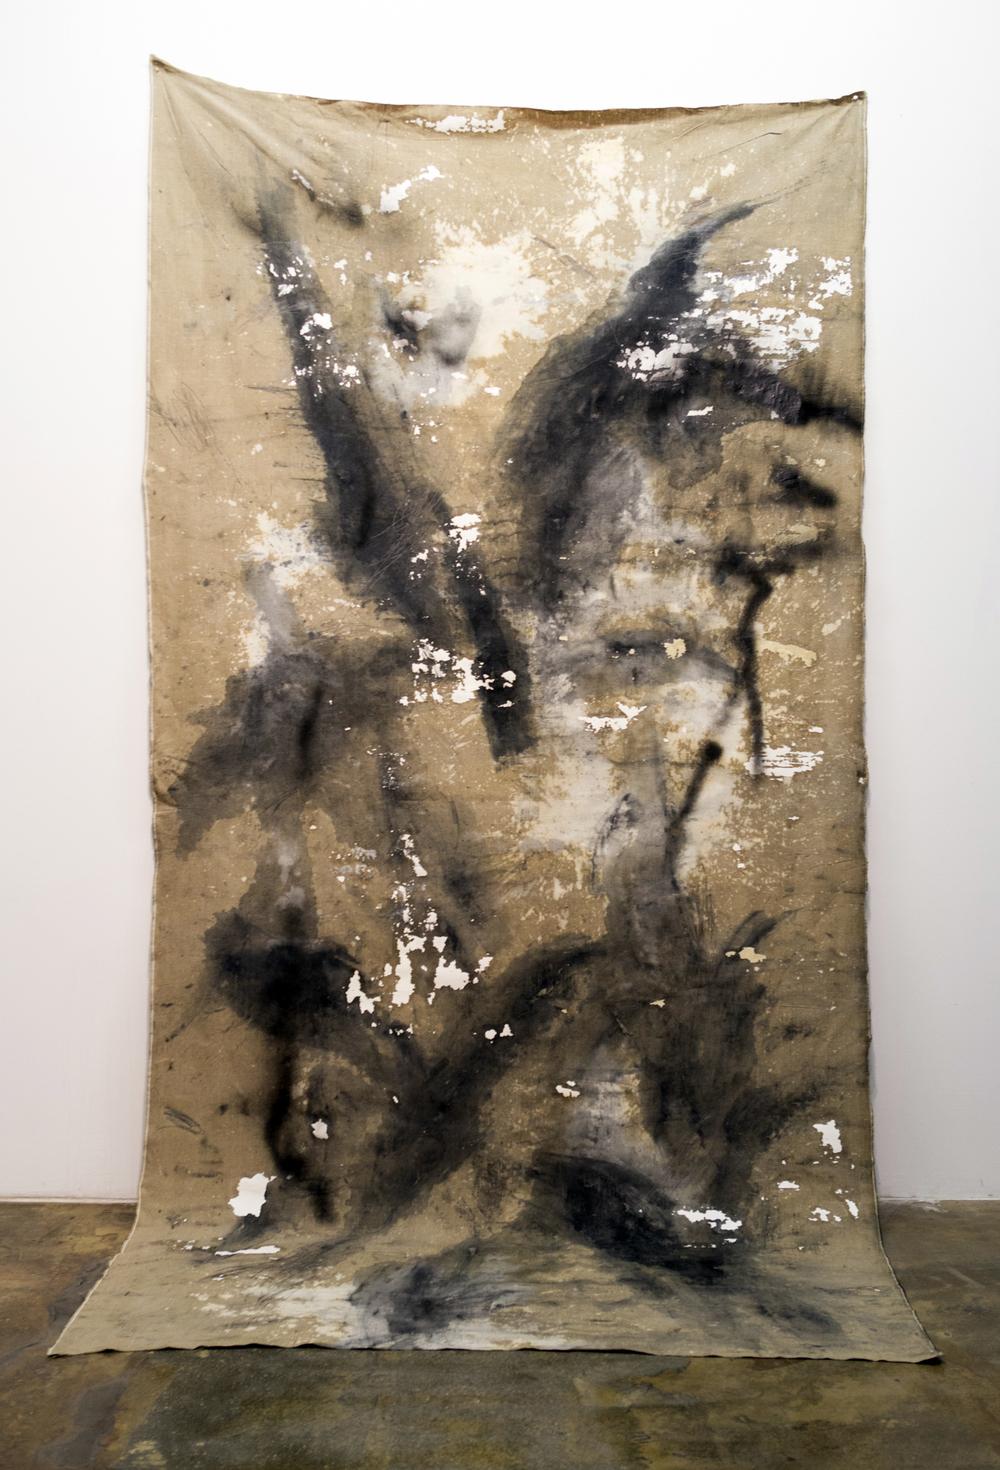 MLSL_06_Wölf,2015 Oil, acrylic, bleach, drywall, lead and spray paint on linen 144 x 71.5 in (365.76 x 181.61 cm)